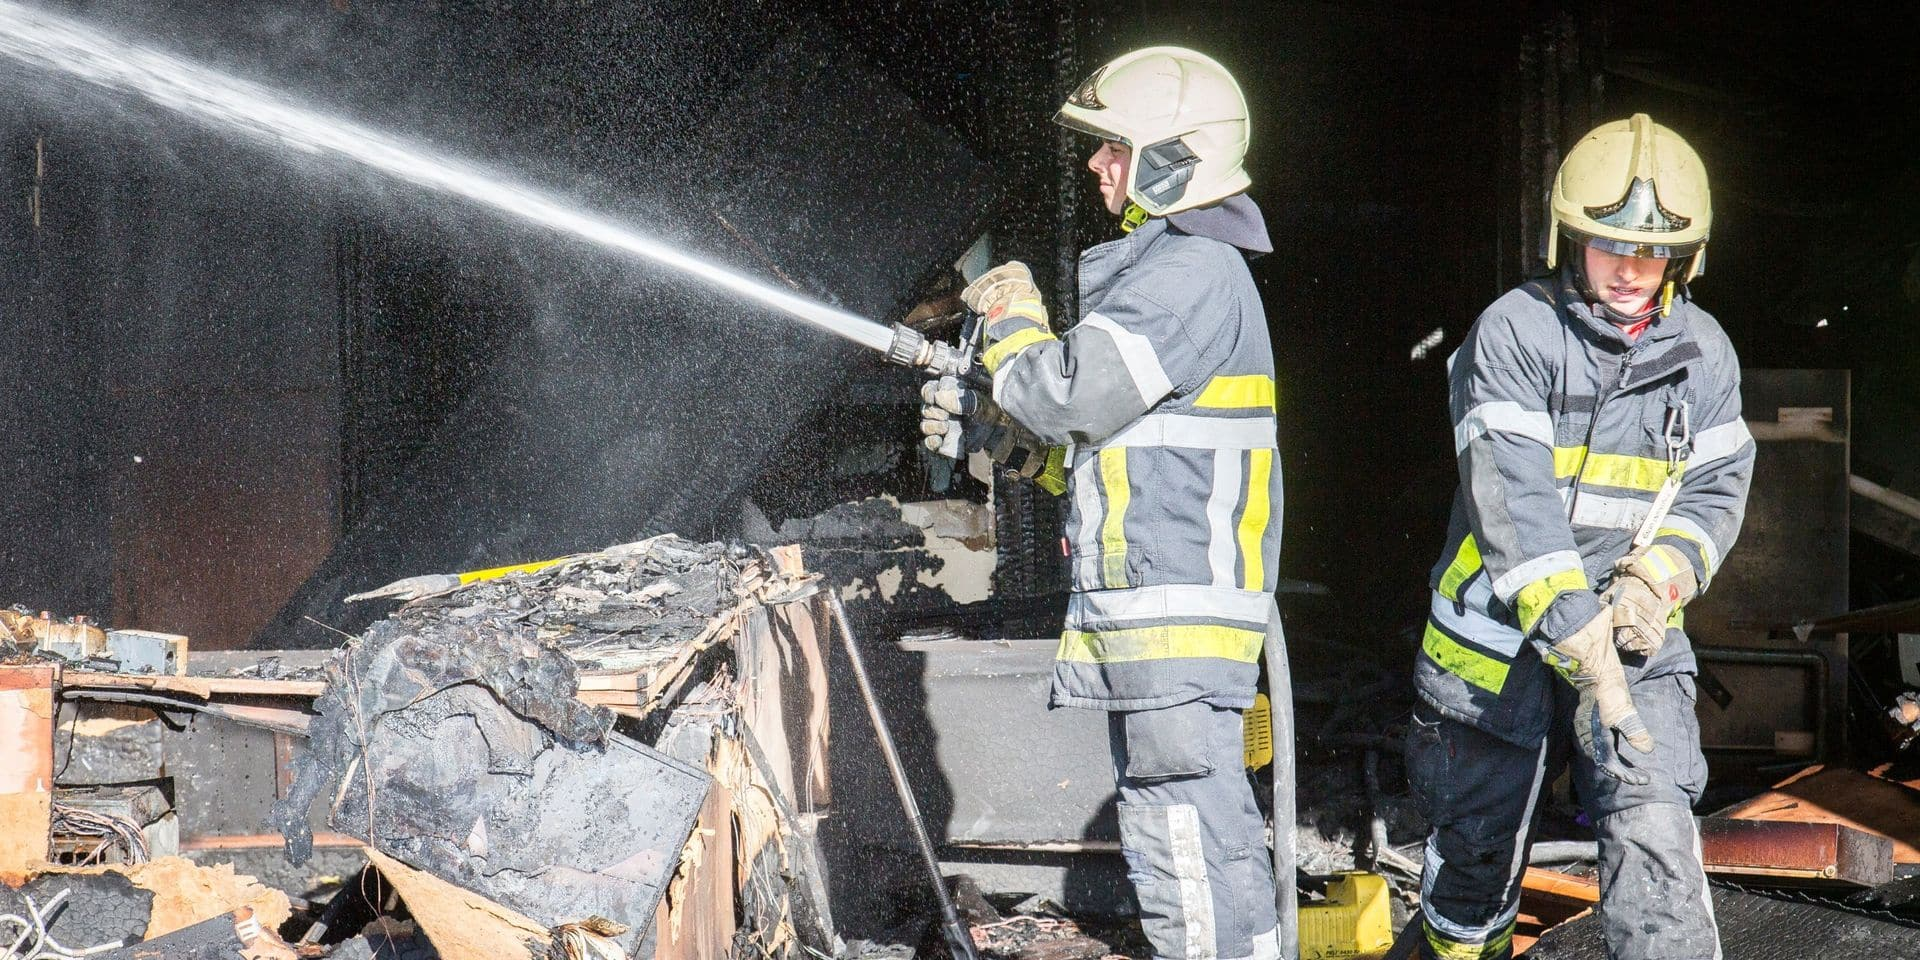 Hannut : incendie dans un entrepôt désaffecté